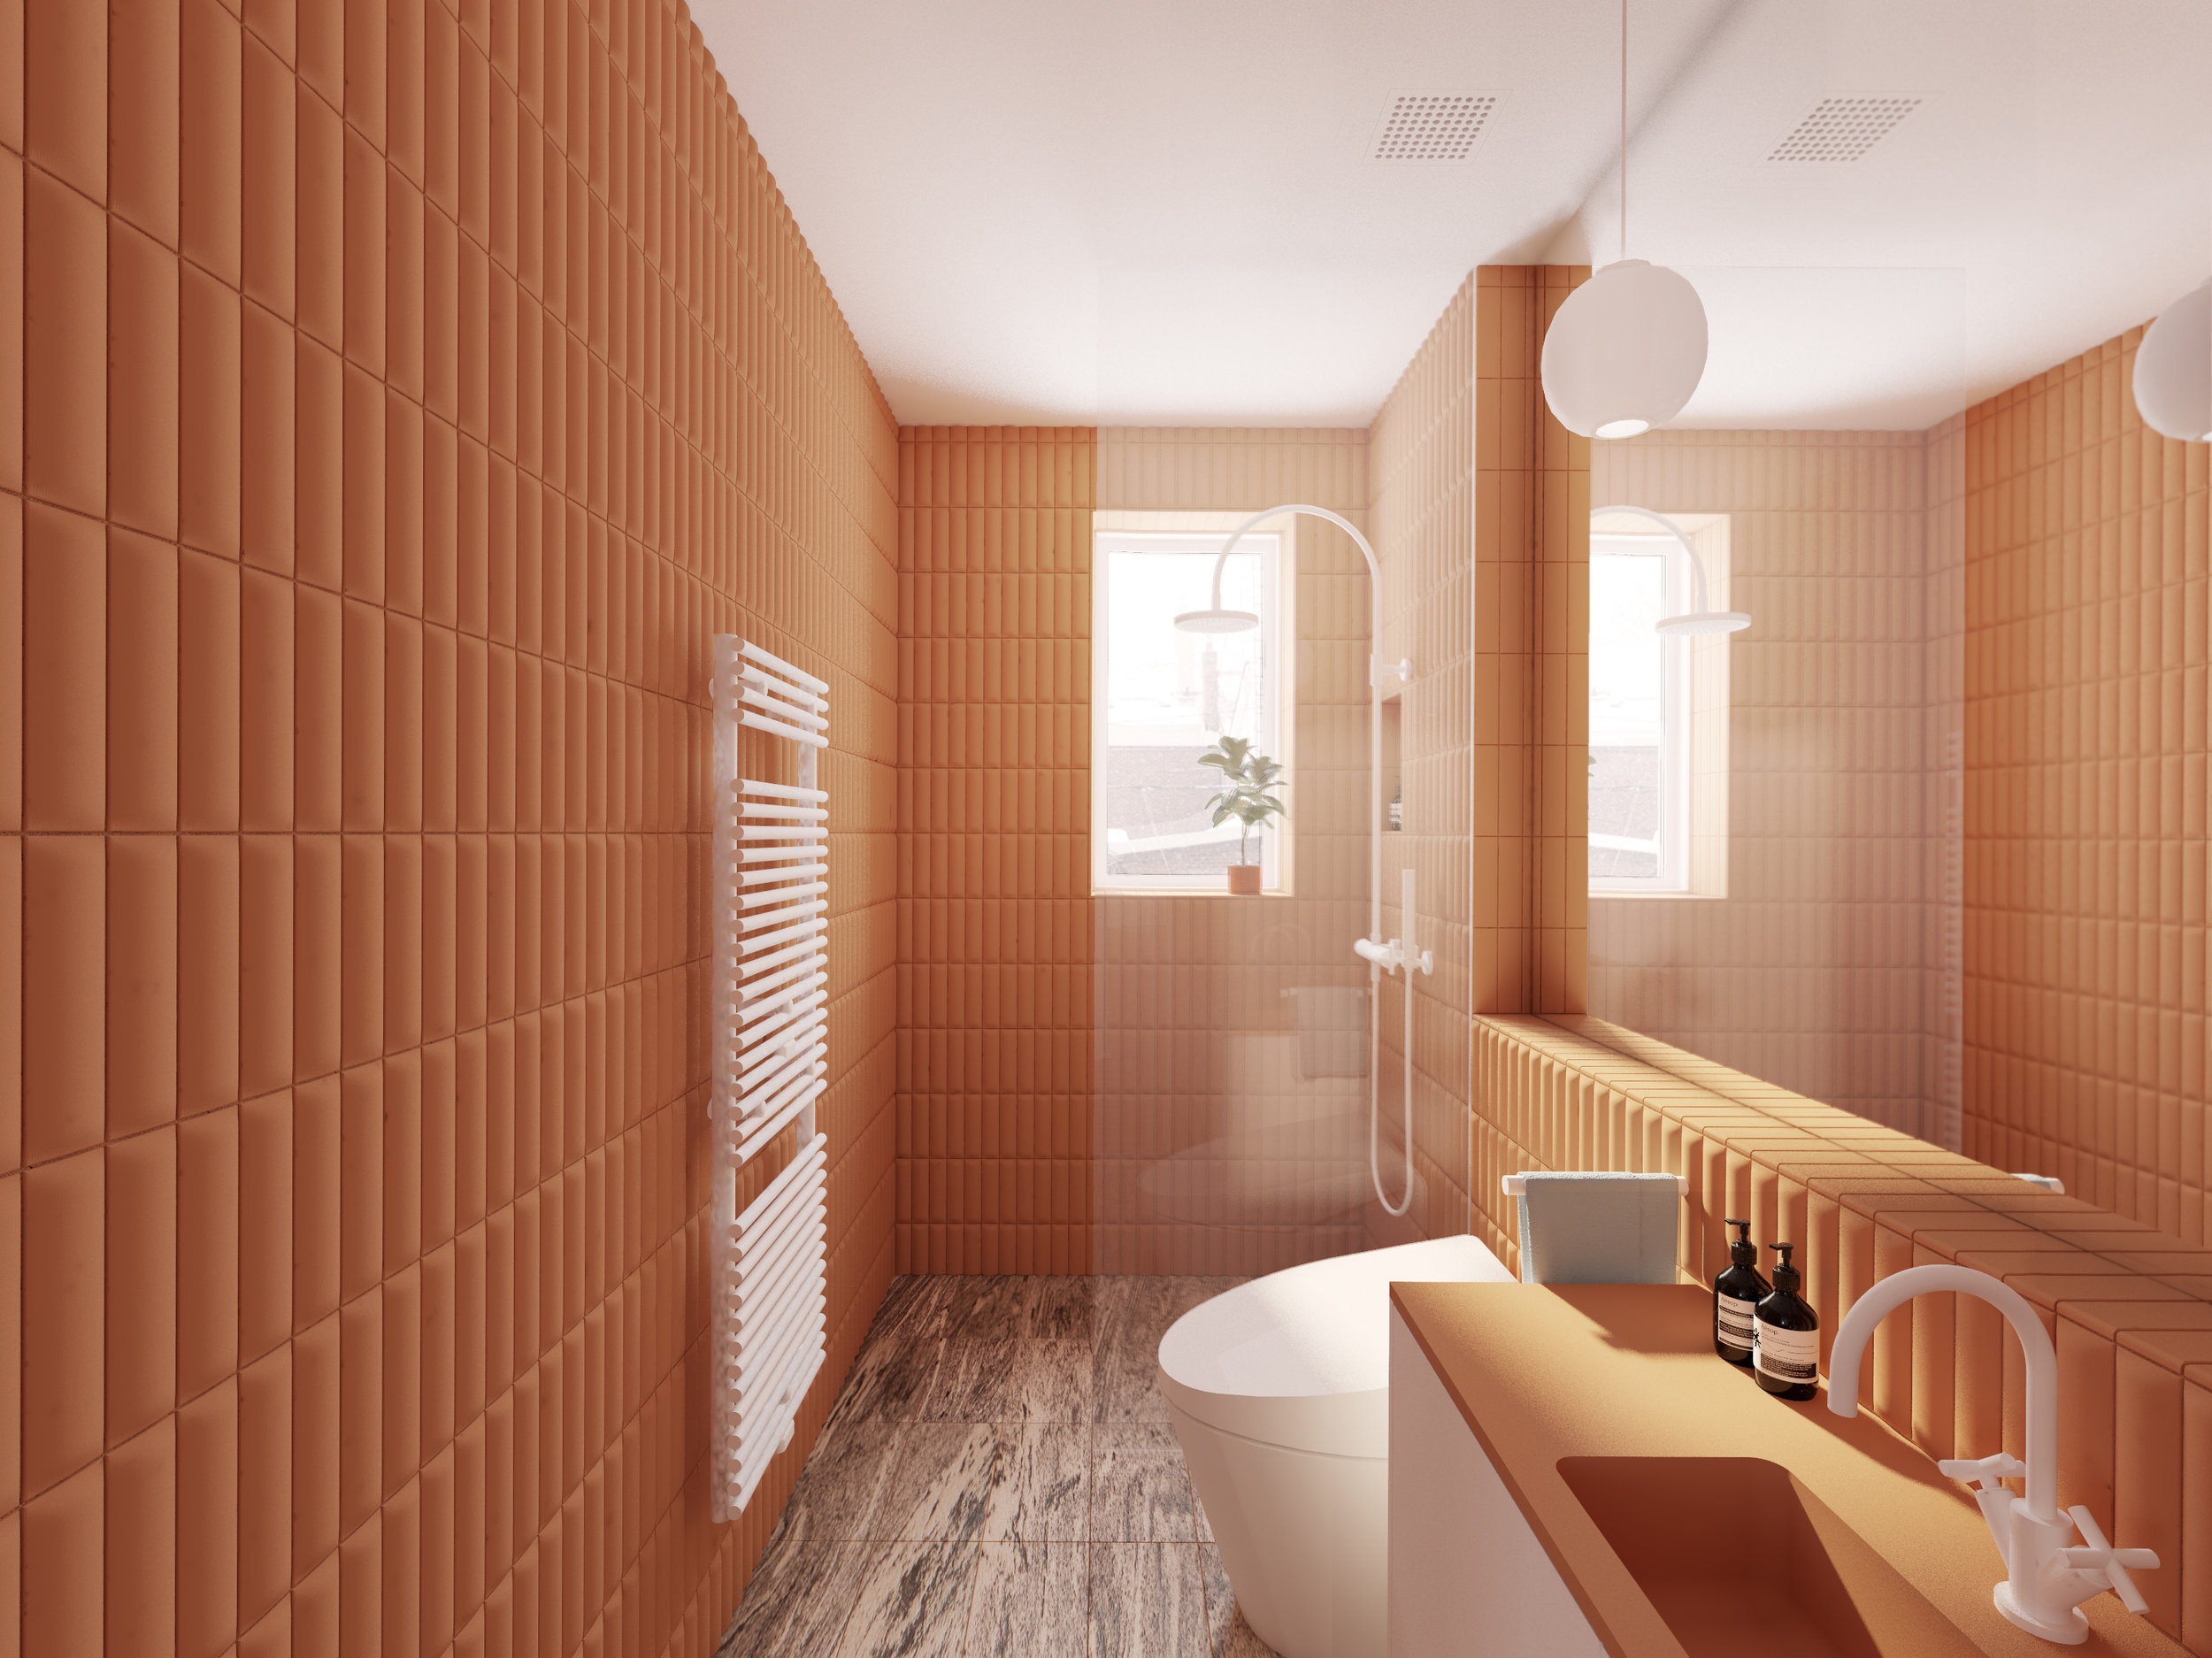 Bathroom renovation showing glazed shower and sculpted tile walls